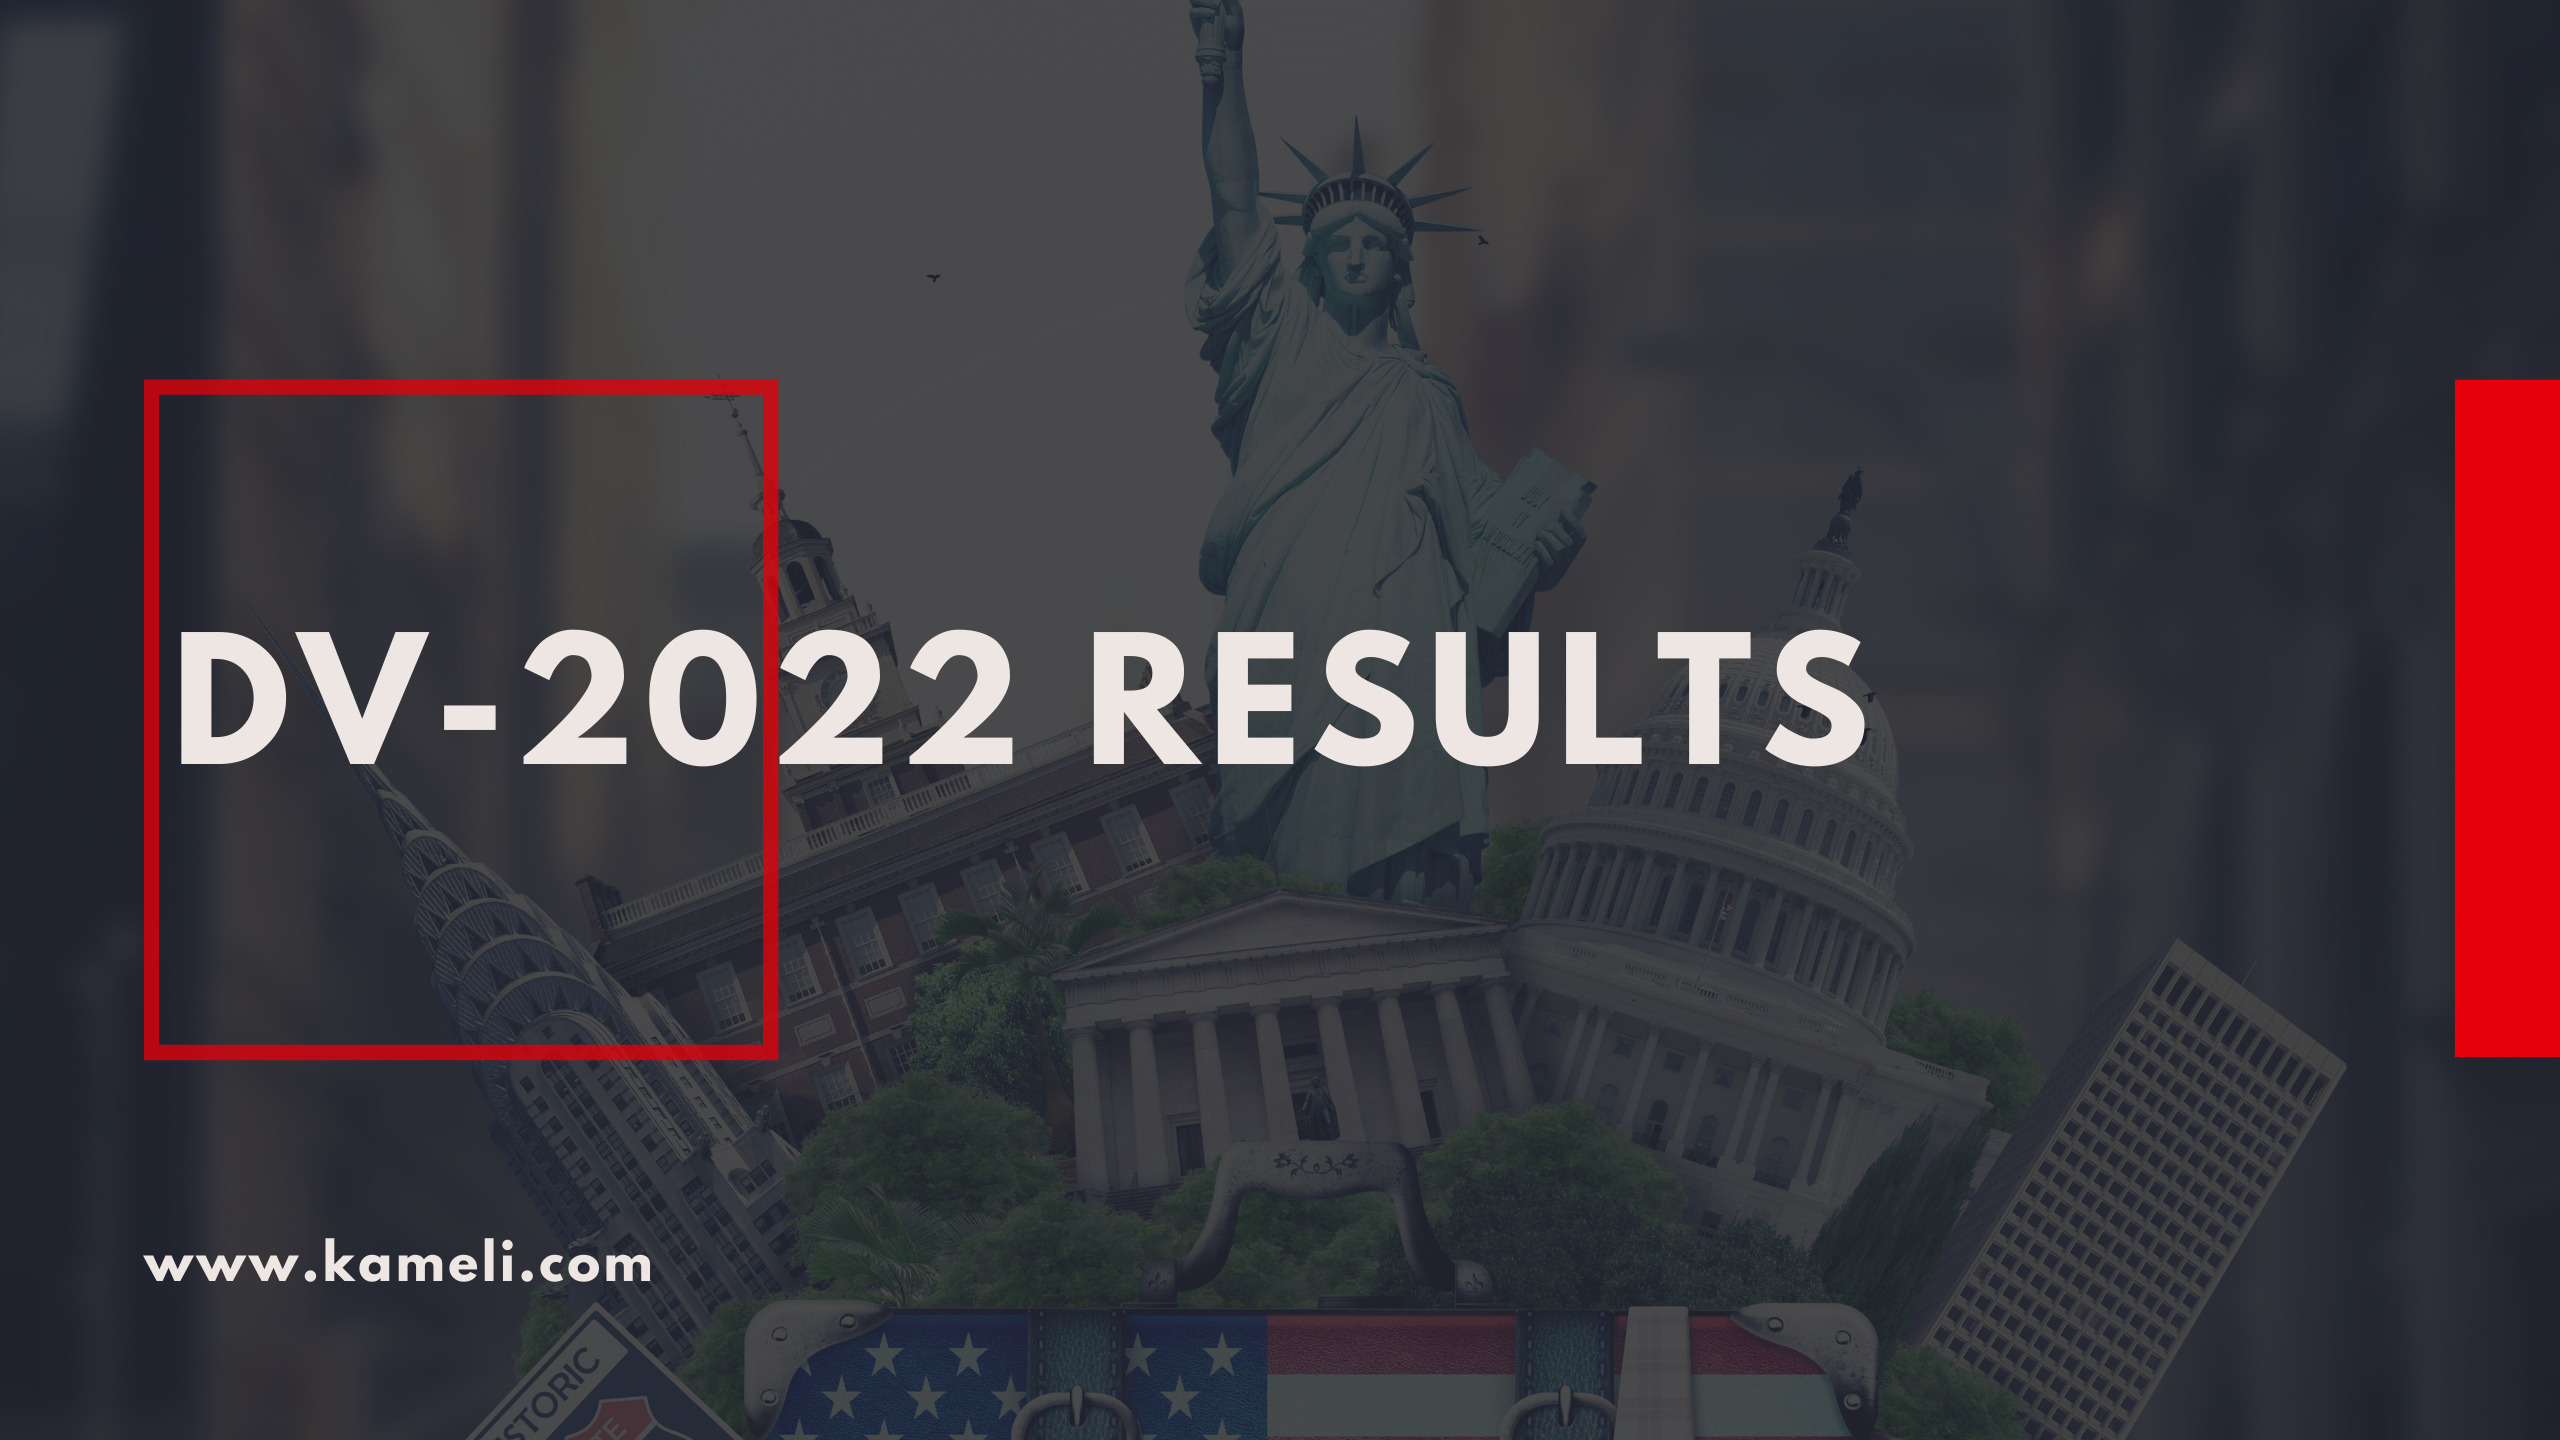 DV 2022 Results